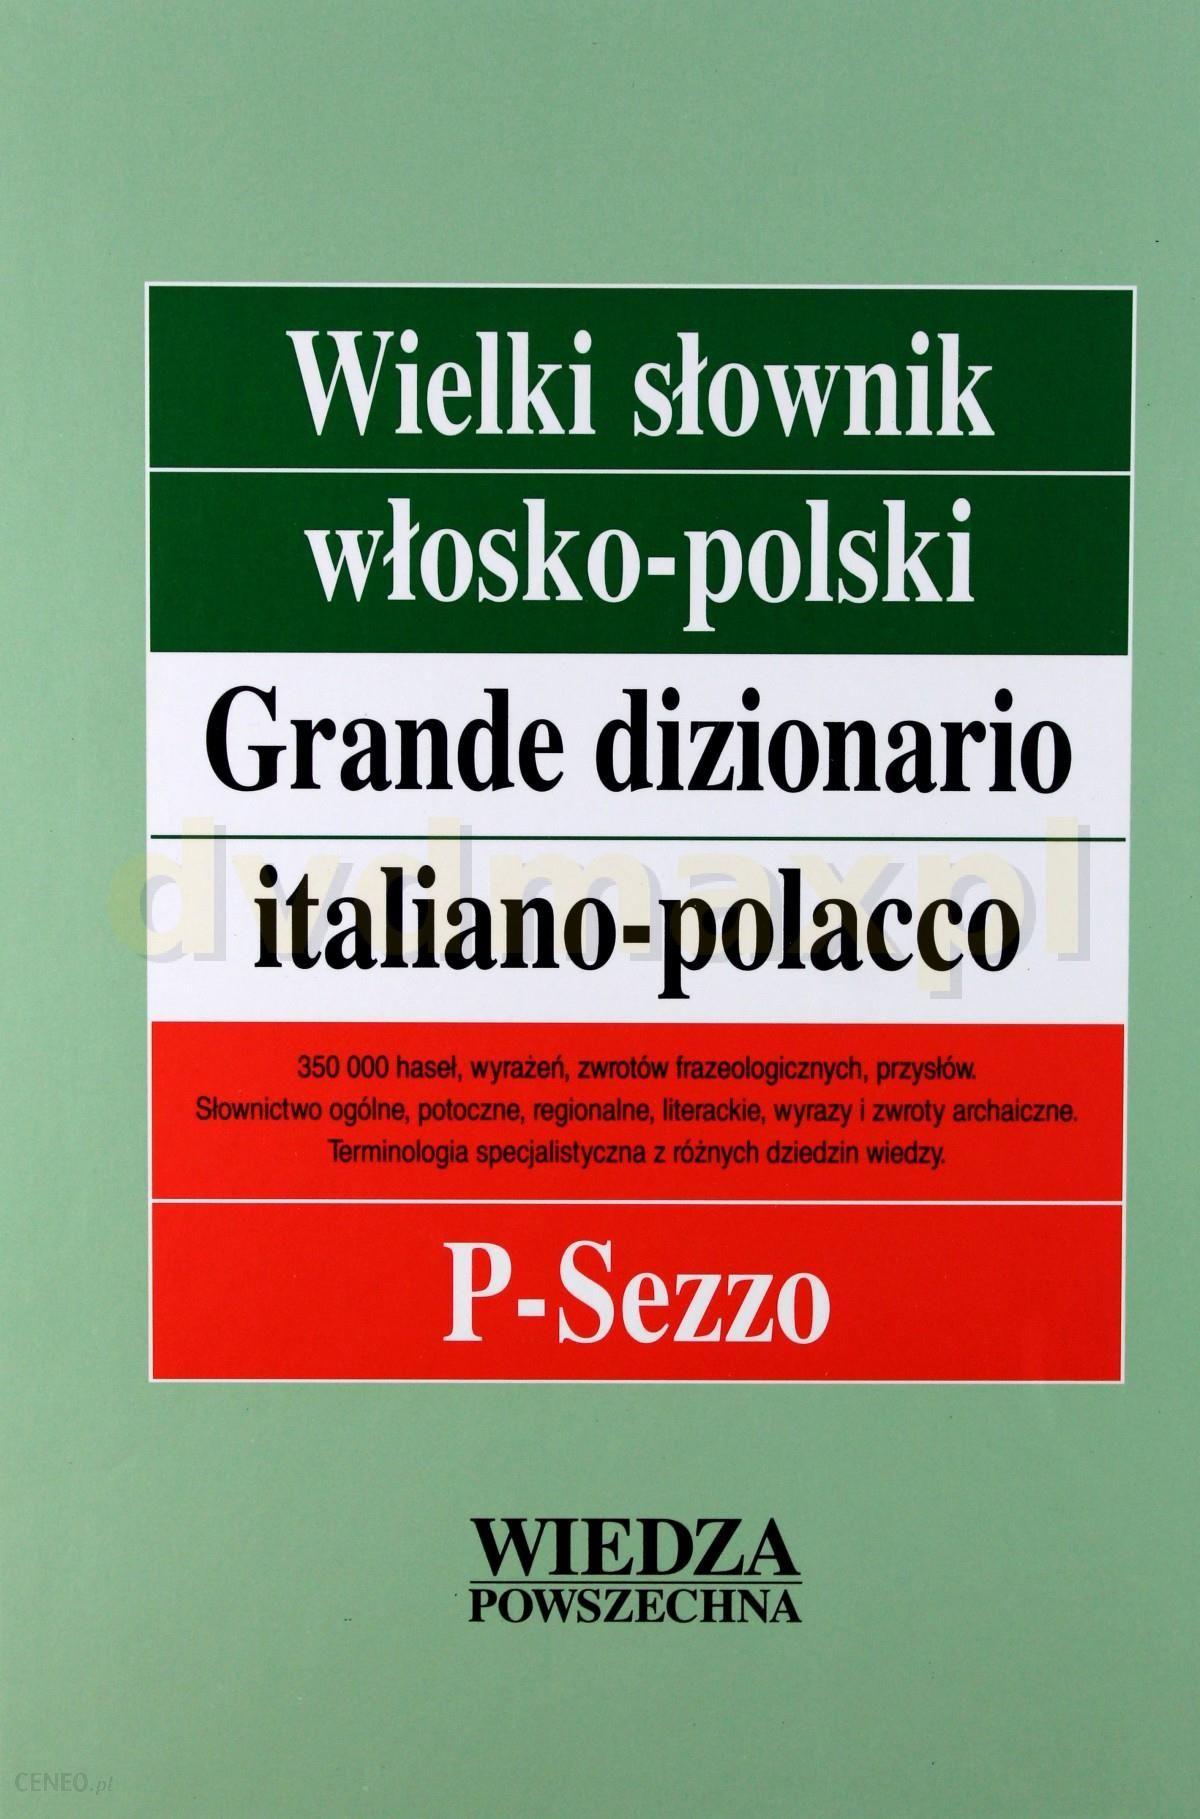 Nauka włoskiego Wielki Słownik Włosko-Polski T. 3 P-Sezzo - zdjęcie 1